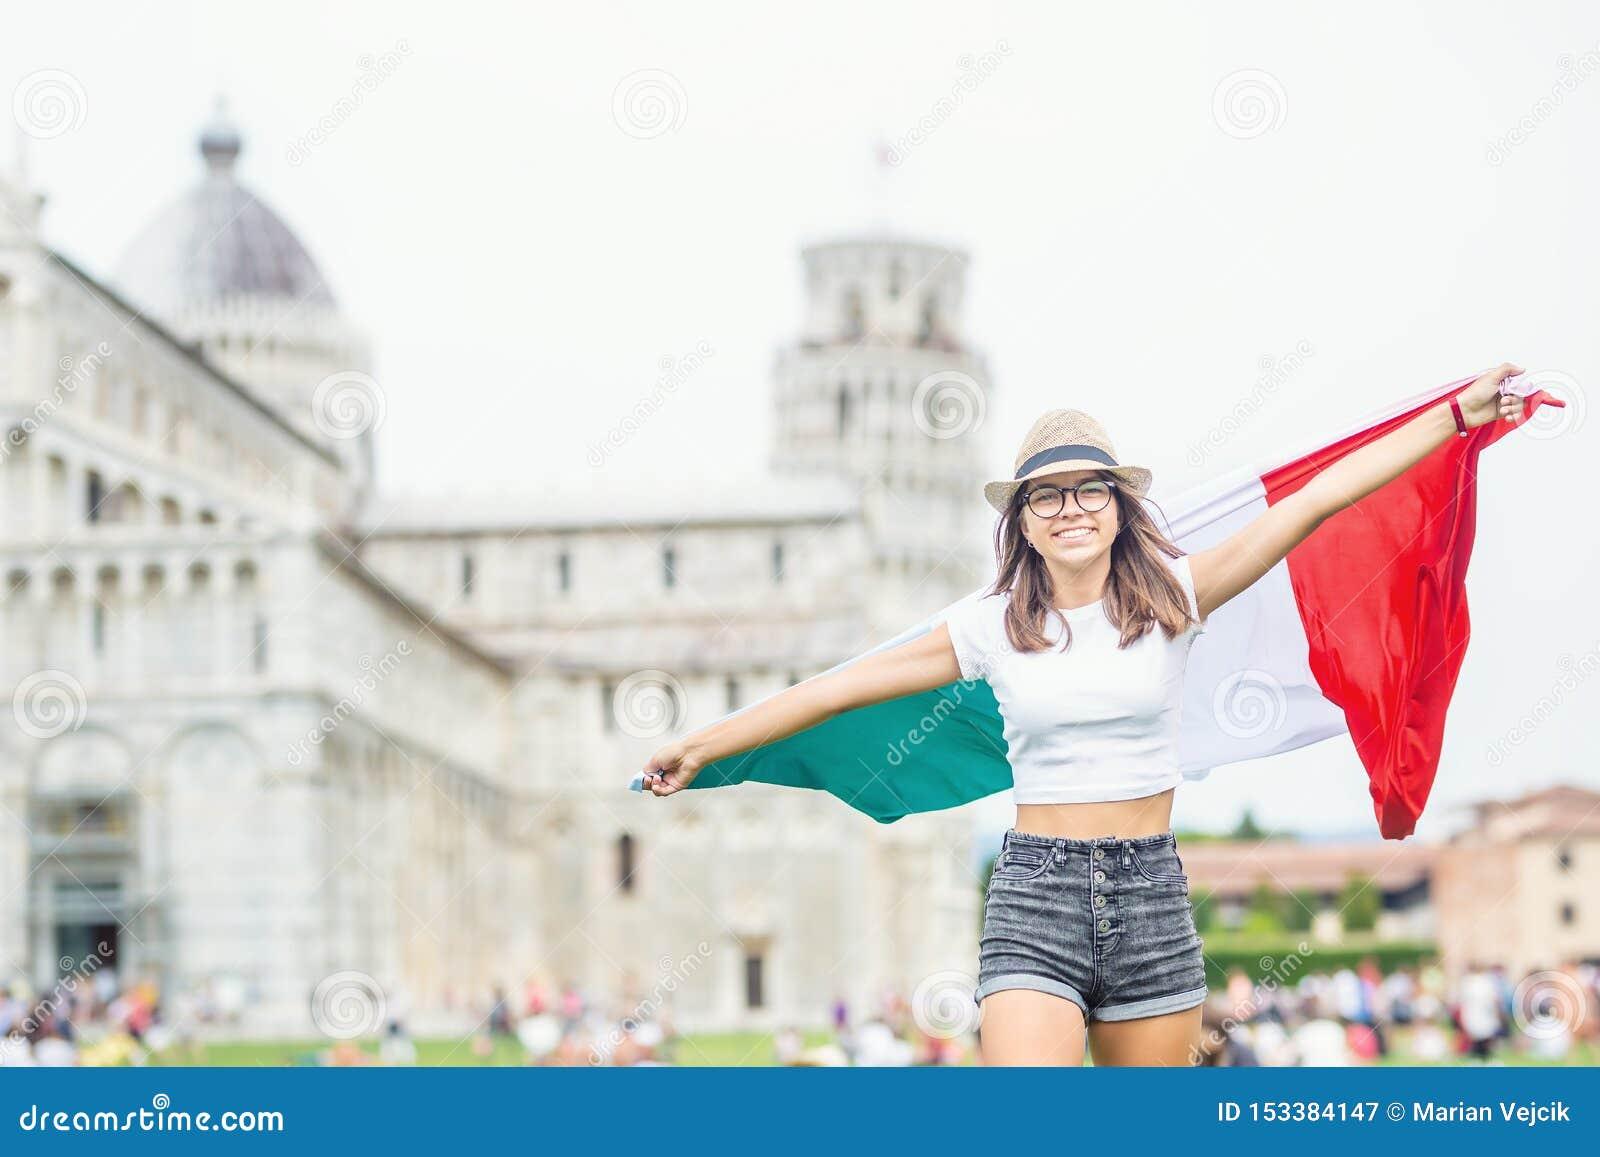 Giovane viaggiatore teenager della ragazza con la bandiera italiana prima della torre storica in città Pisa - Italia